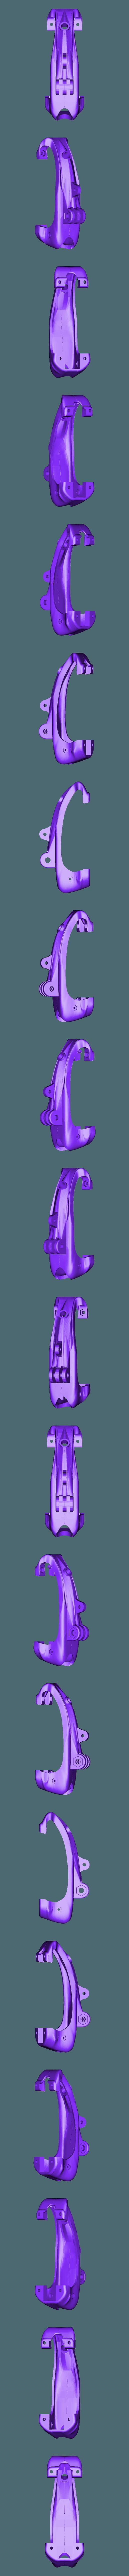 Canopy_GoPro_Mount.stl Télécharger fichier STL gratuit Cadre du quadriporteur Exorcist Racing (nouveau modèle) • Design pour impression 3D, DuckyRC